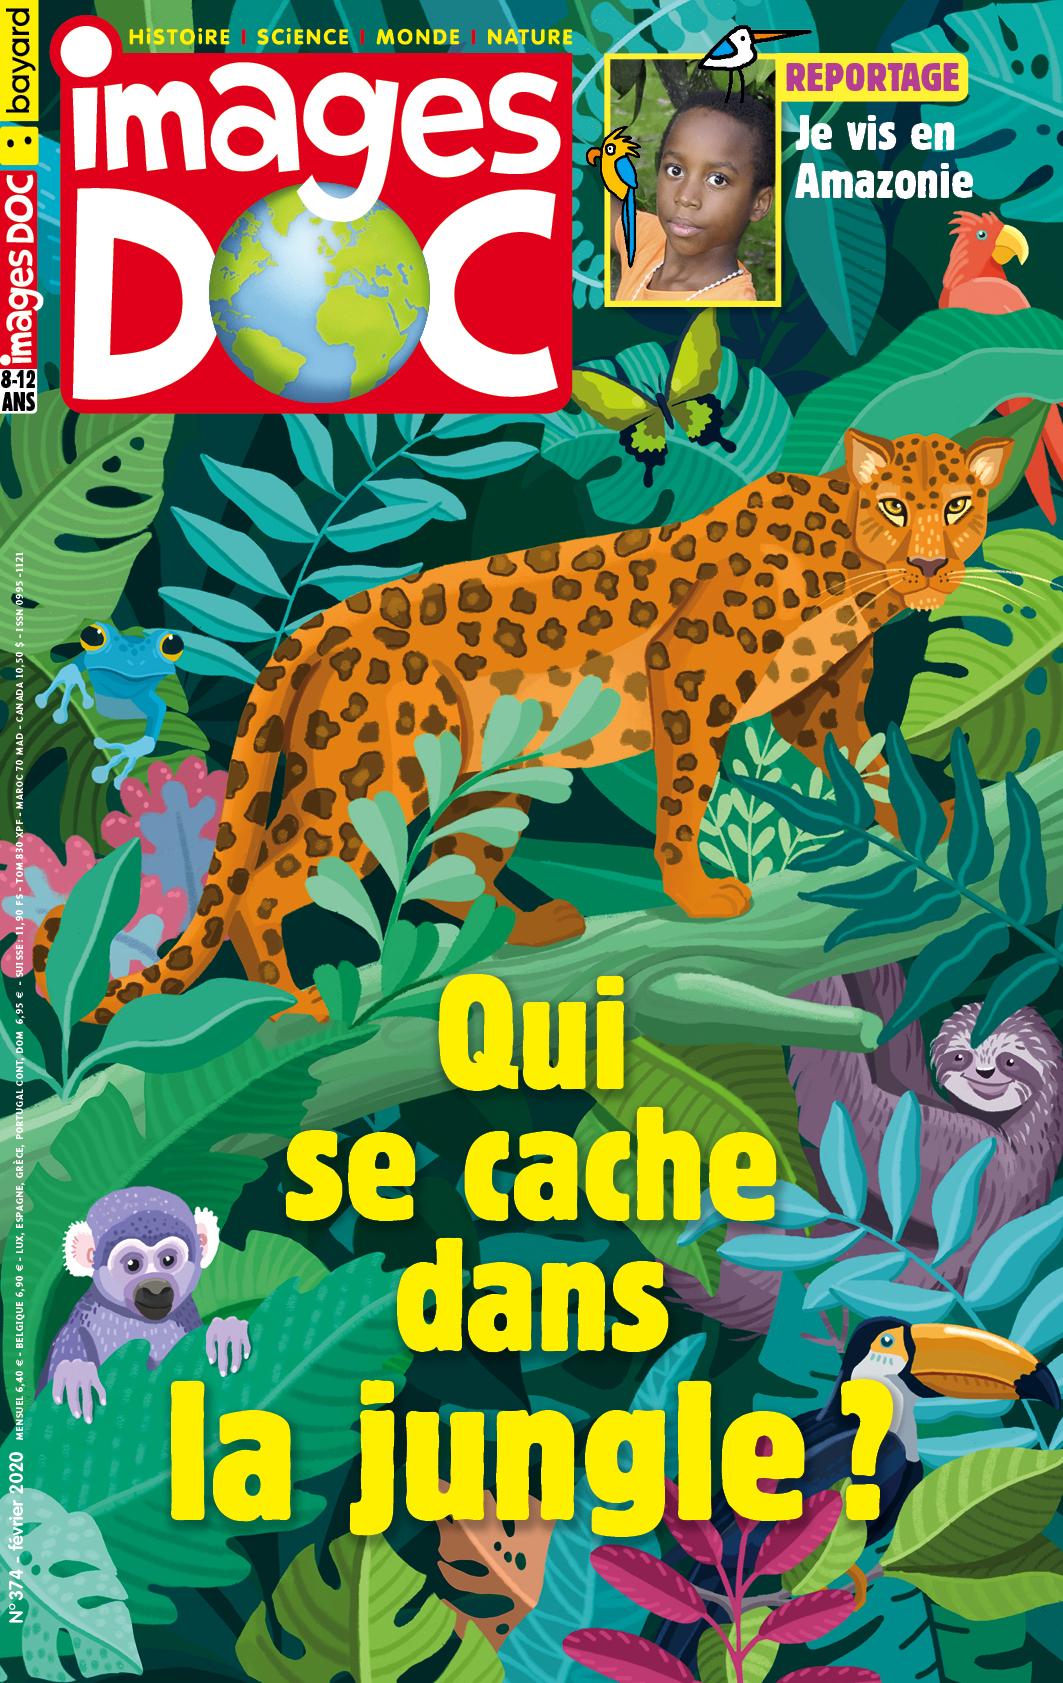 couverture Images Doc n°374 février 2020